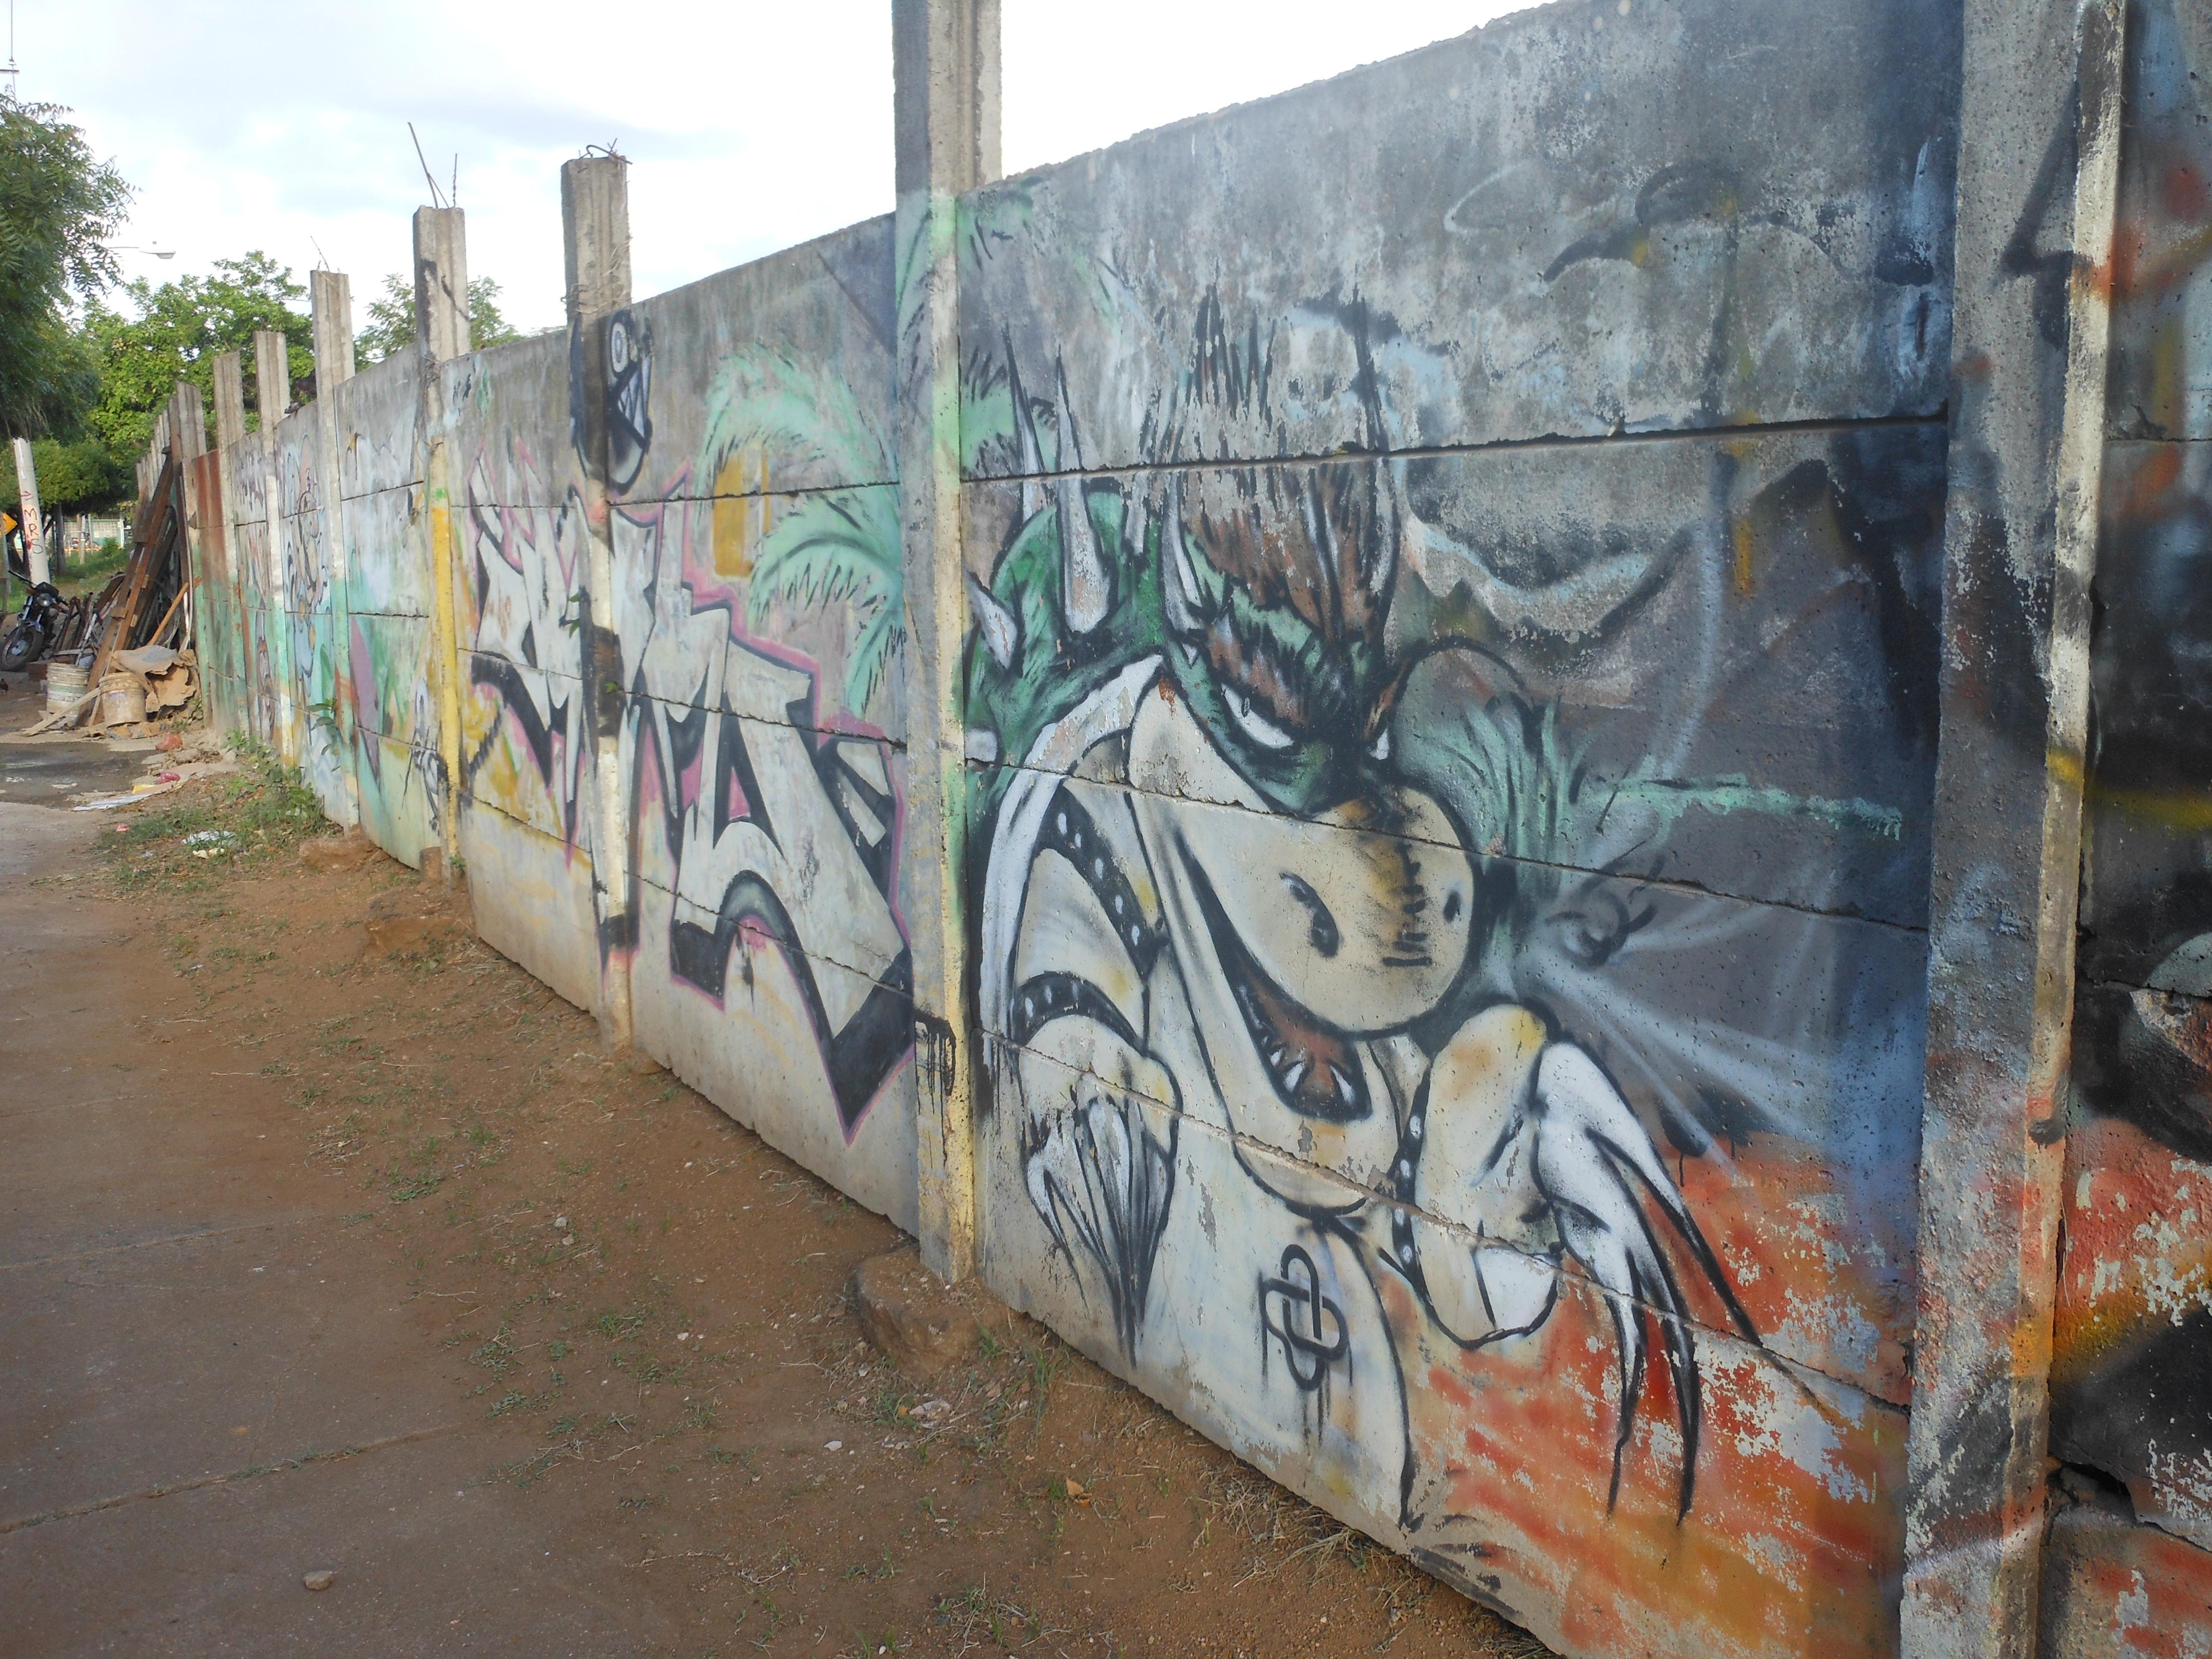 graffiti-5-managua-nicaragua_14048938702_o